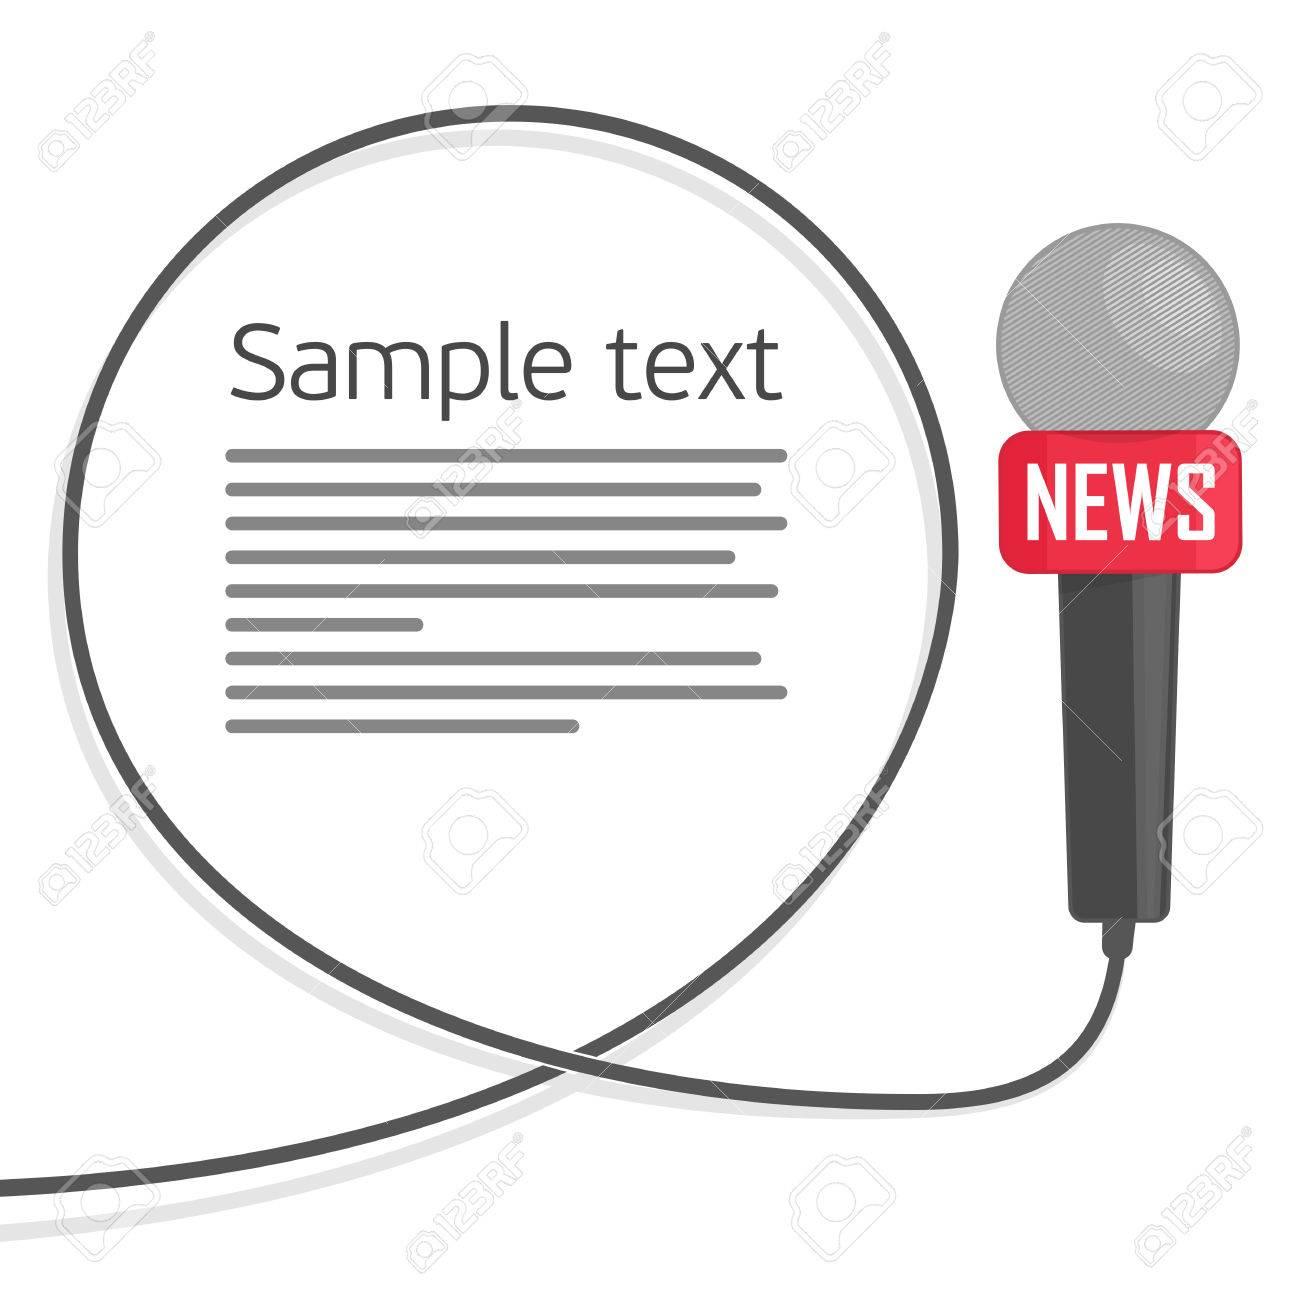 Mikrofon Mit Einem Draht Auf Einem Weißen Hintergrund. Symbol, Das ...